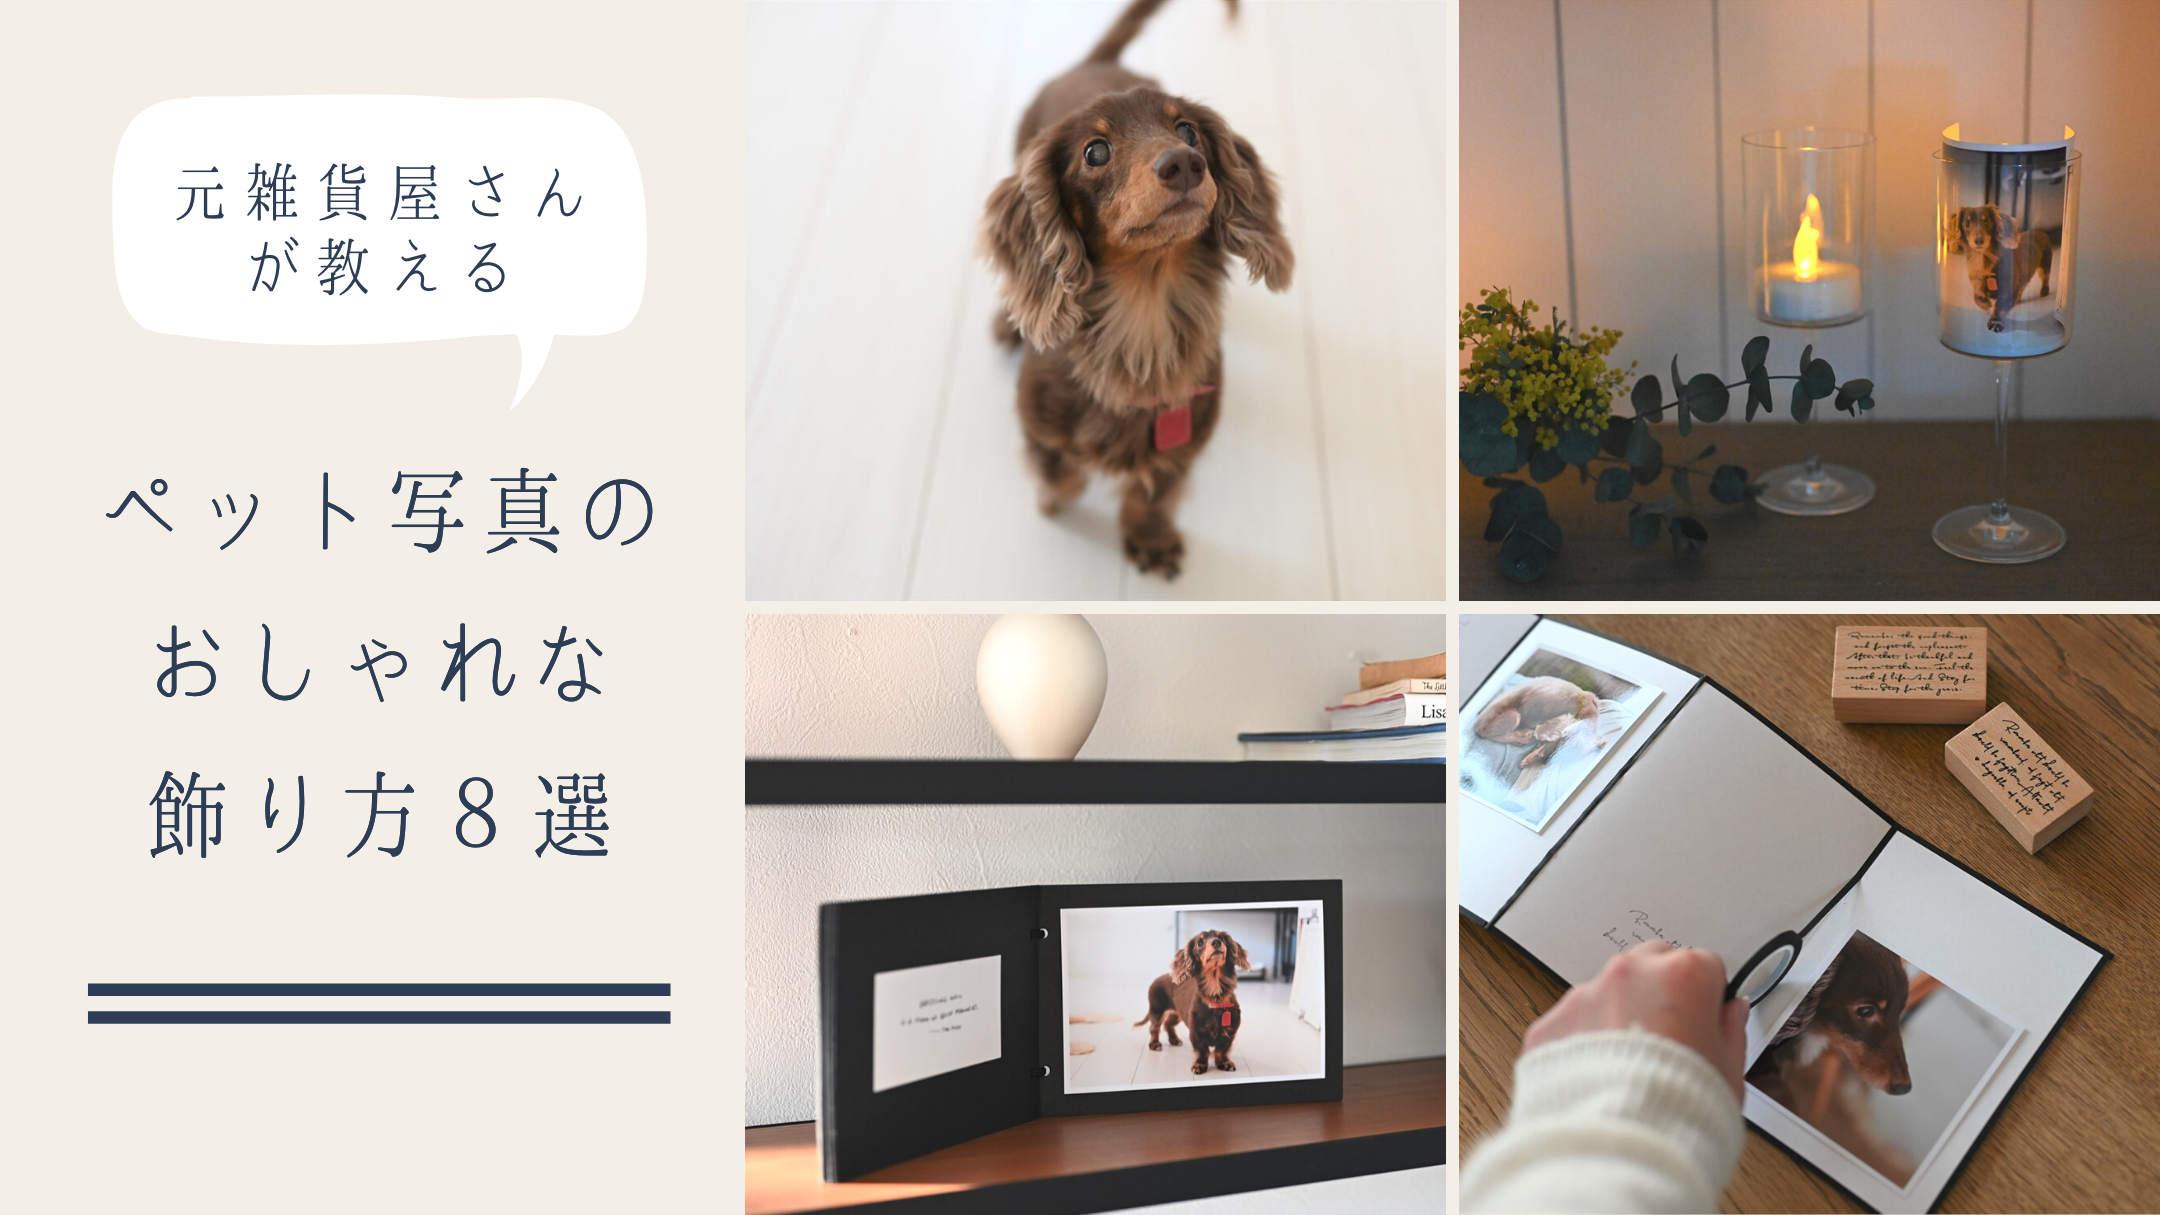 ペット写真のおしゃれな飾り方8選 - 元雑貨屋さんが教えるアイデア帖